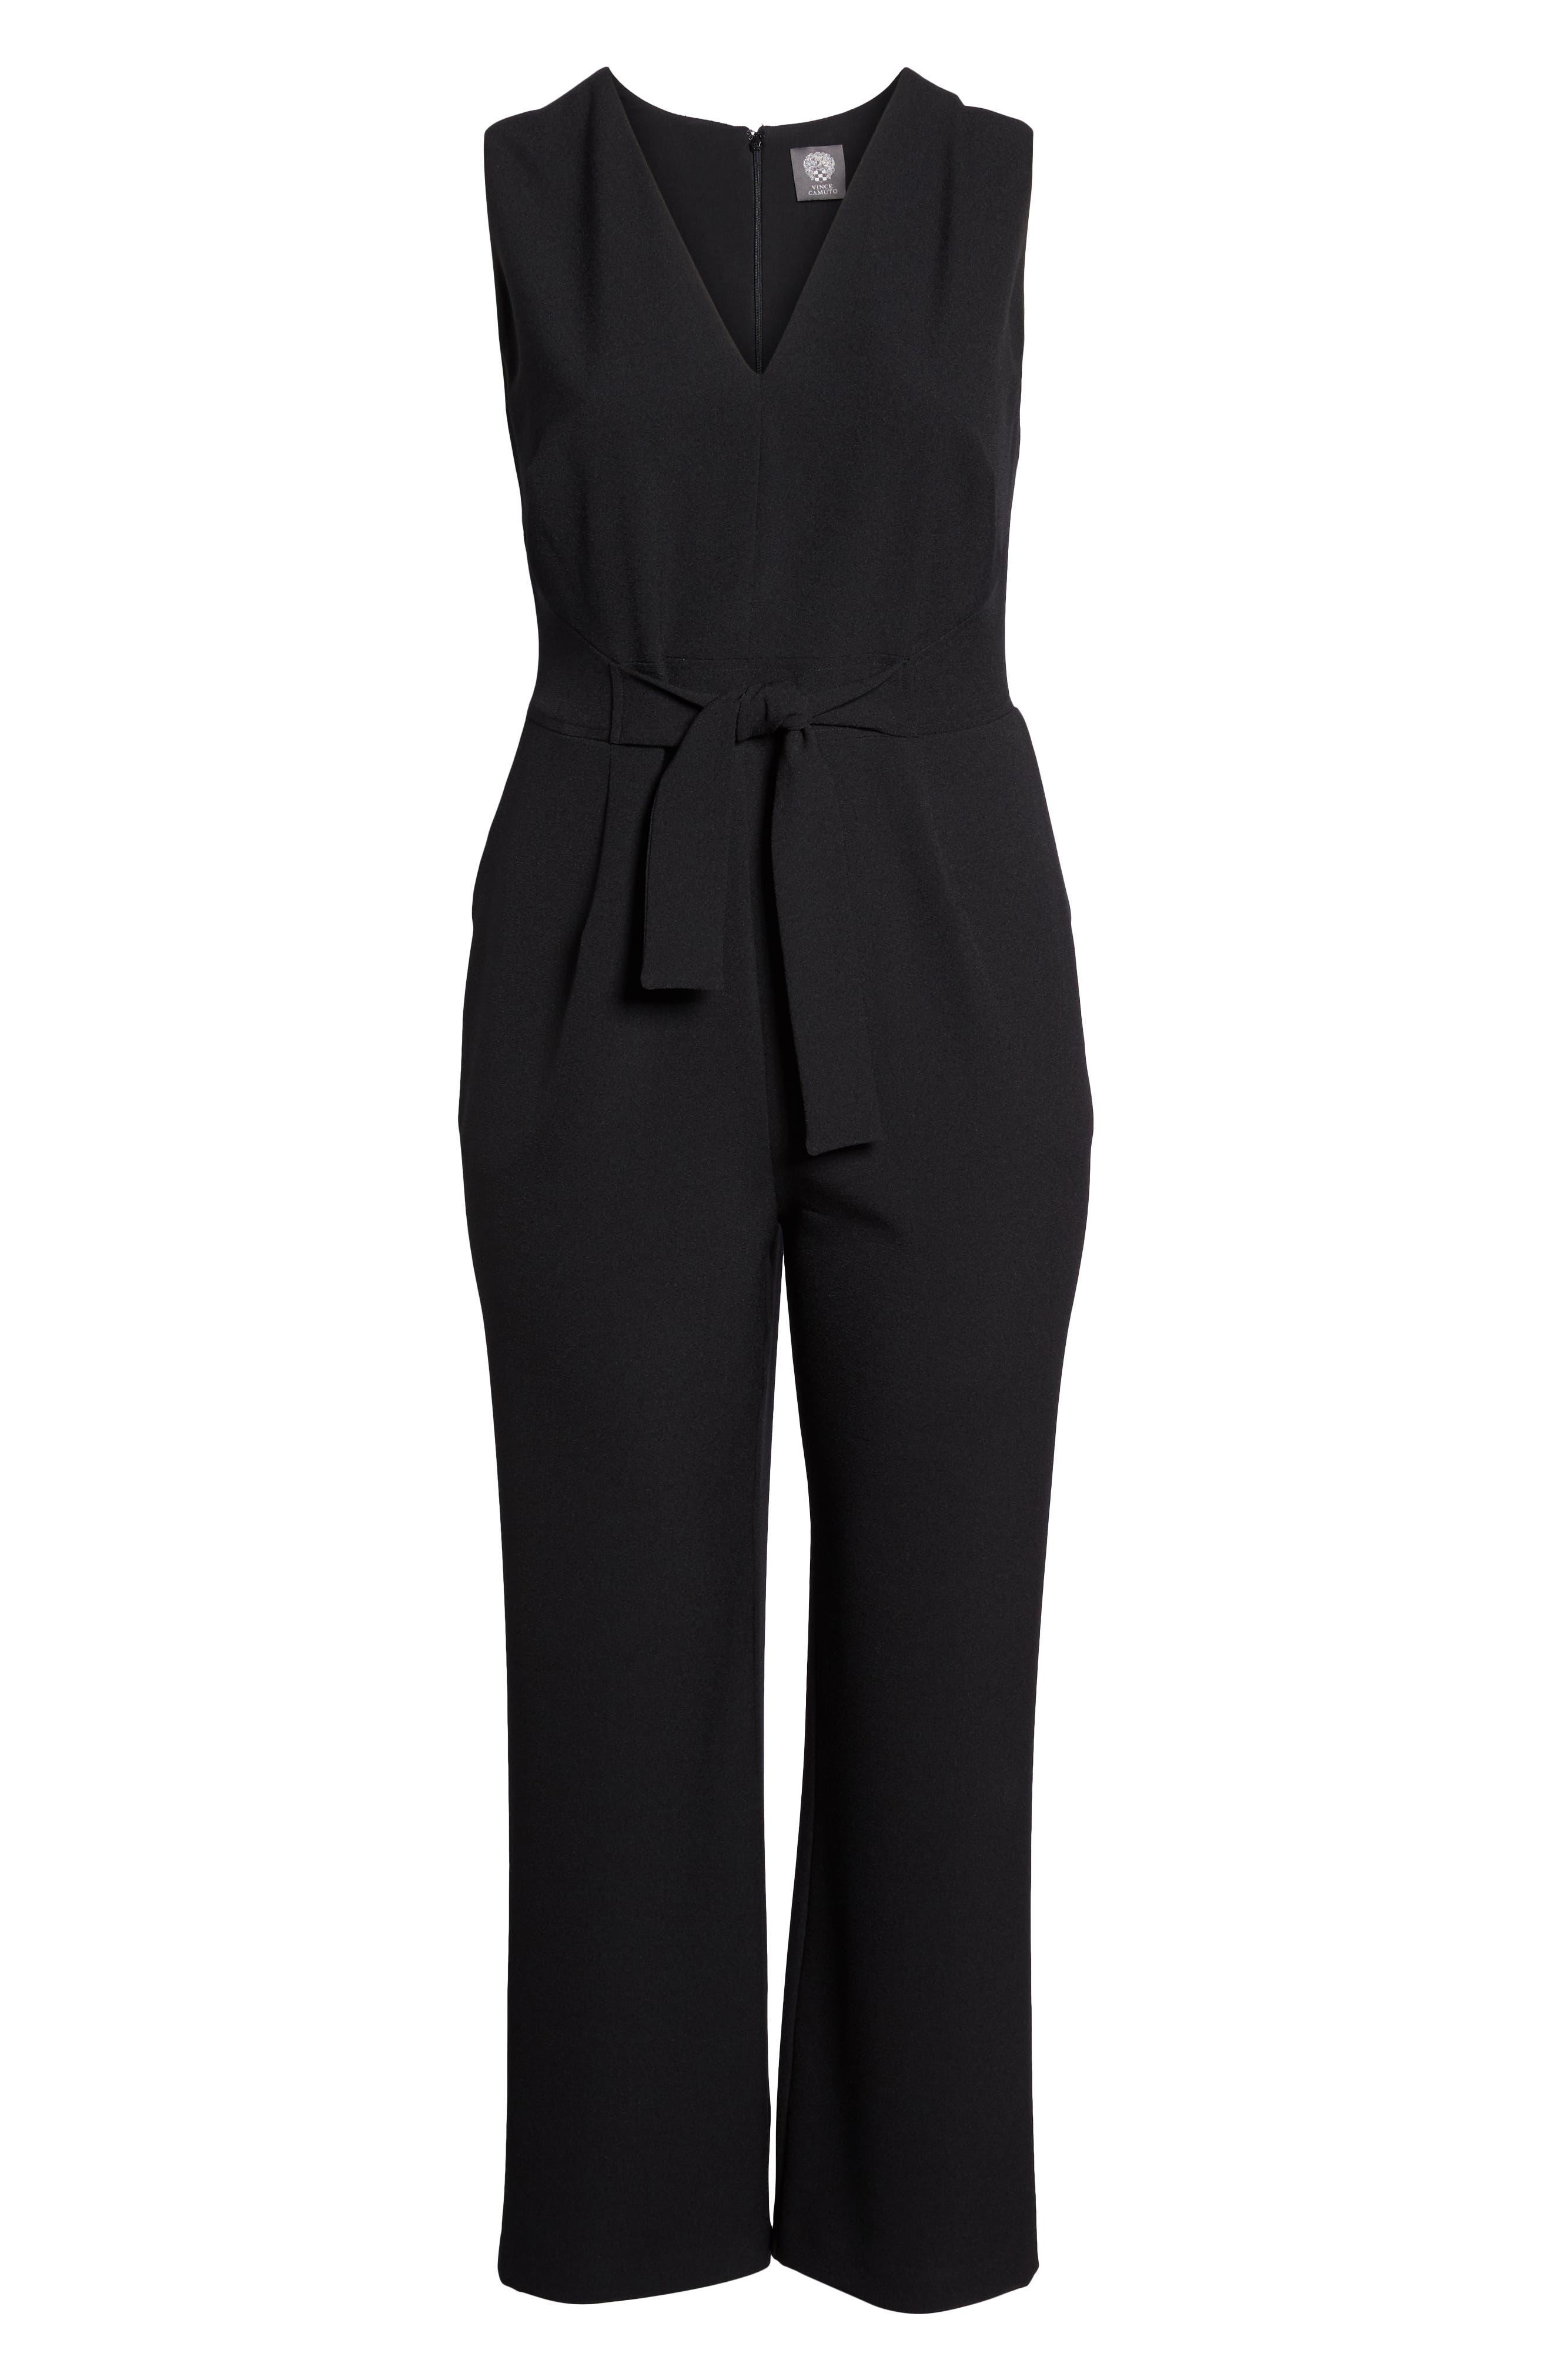 VINCE CAMUTO, Crepe Tie Front Wide Leg Jumpsuit, Alternate thumbnail 7, color, BLACK